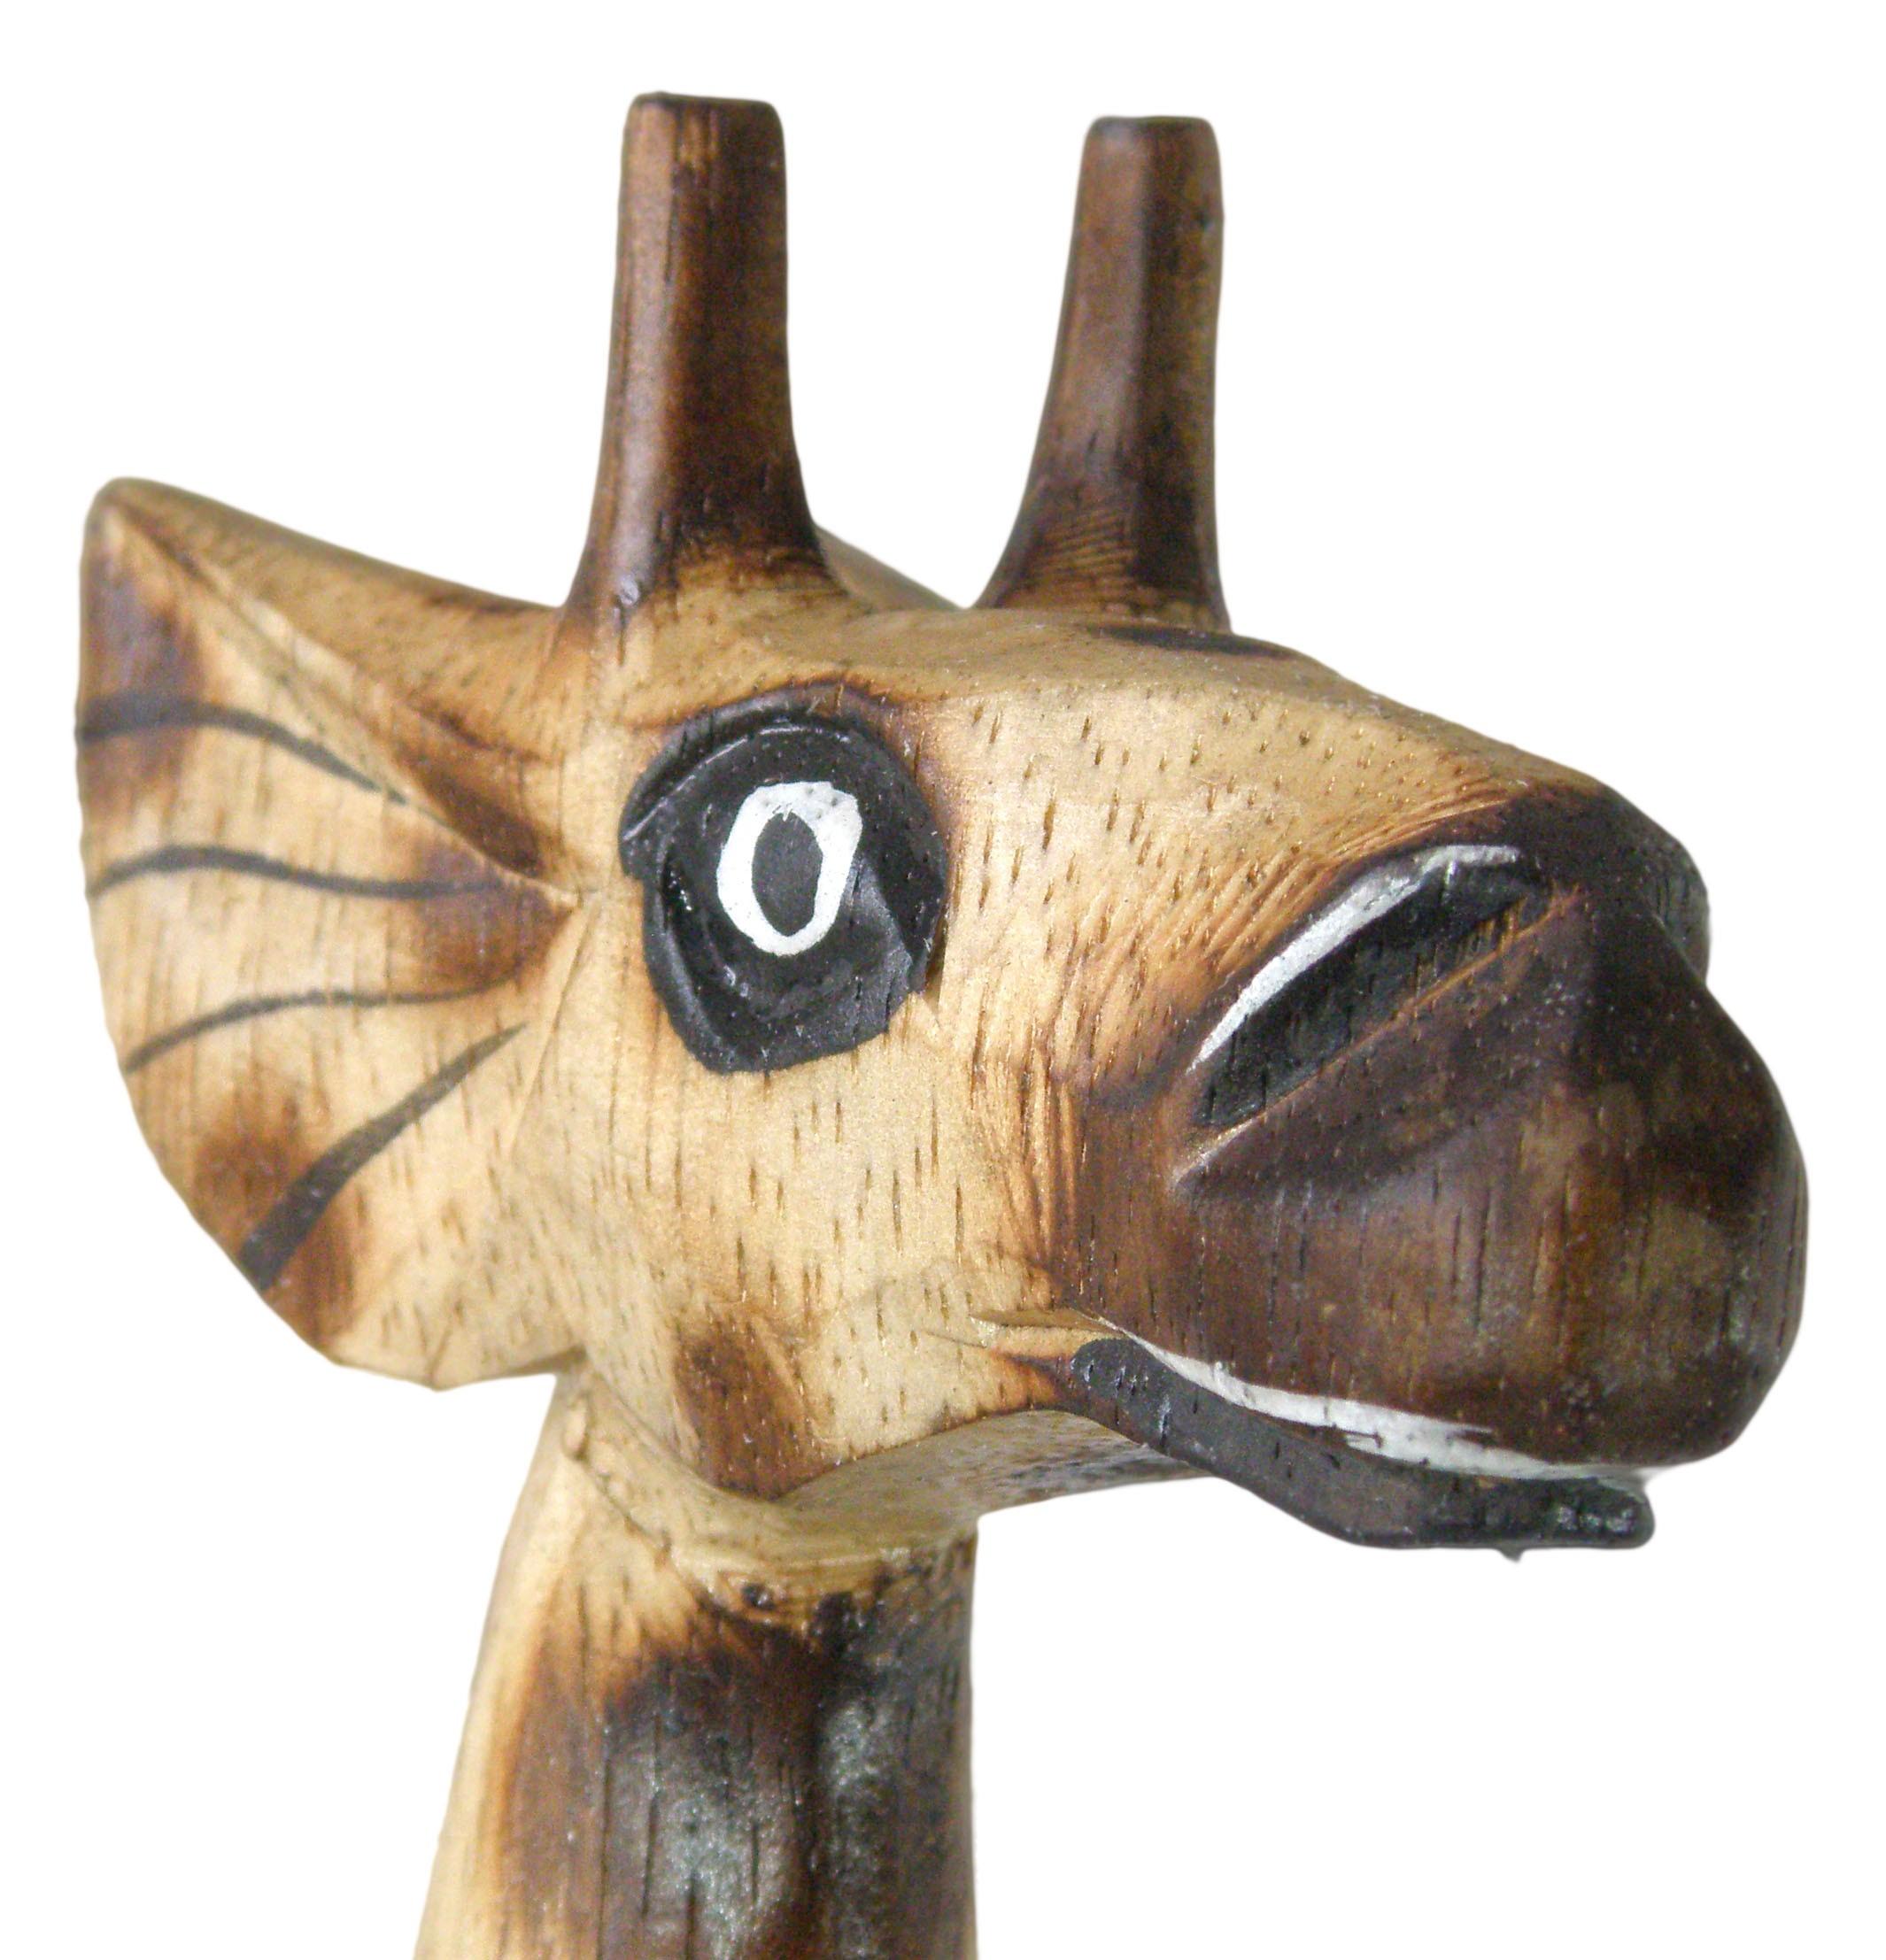 1 Giraffe aus Holz, Deko-Giraffe, Fire Paint, 50 cm Figur Standfigur Holzgiraffe – Bild 3